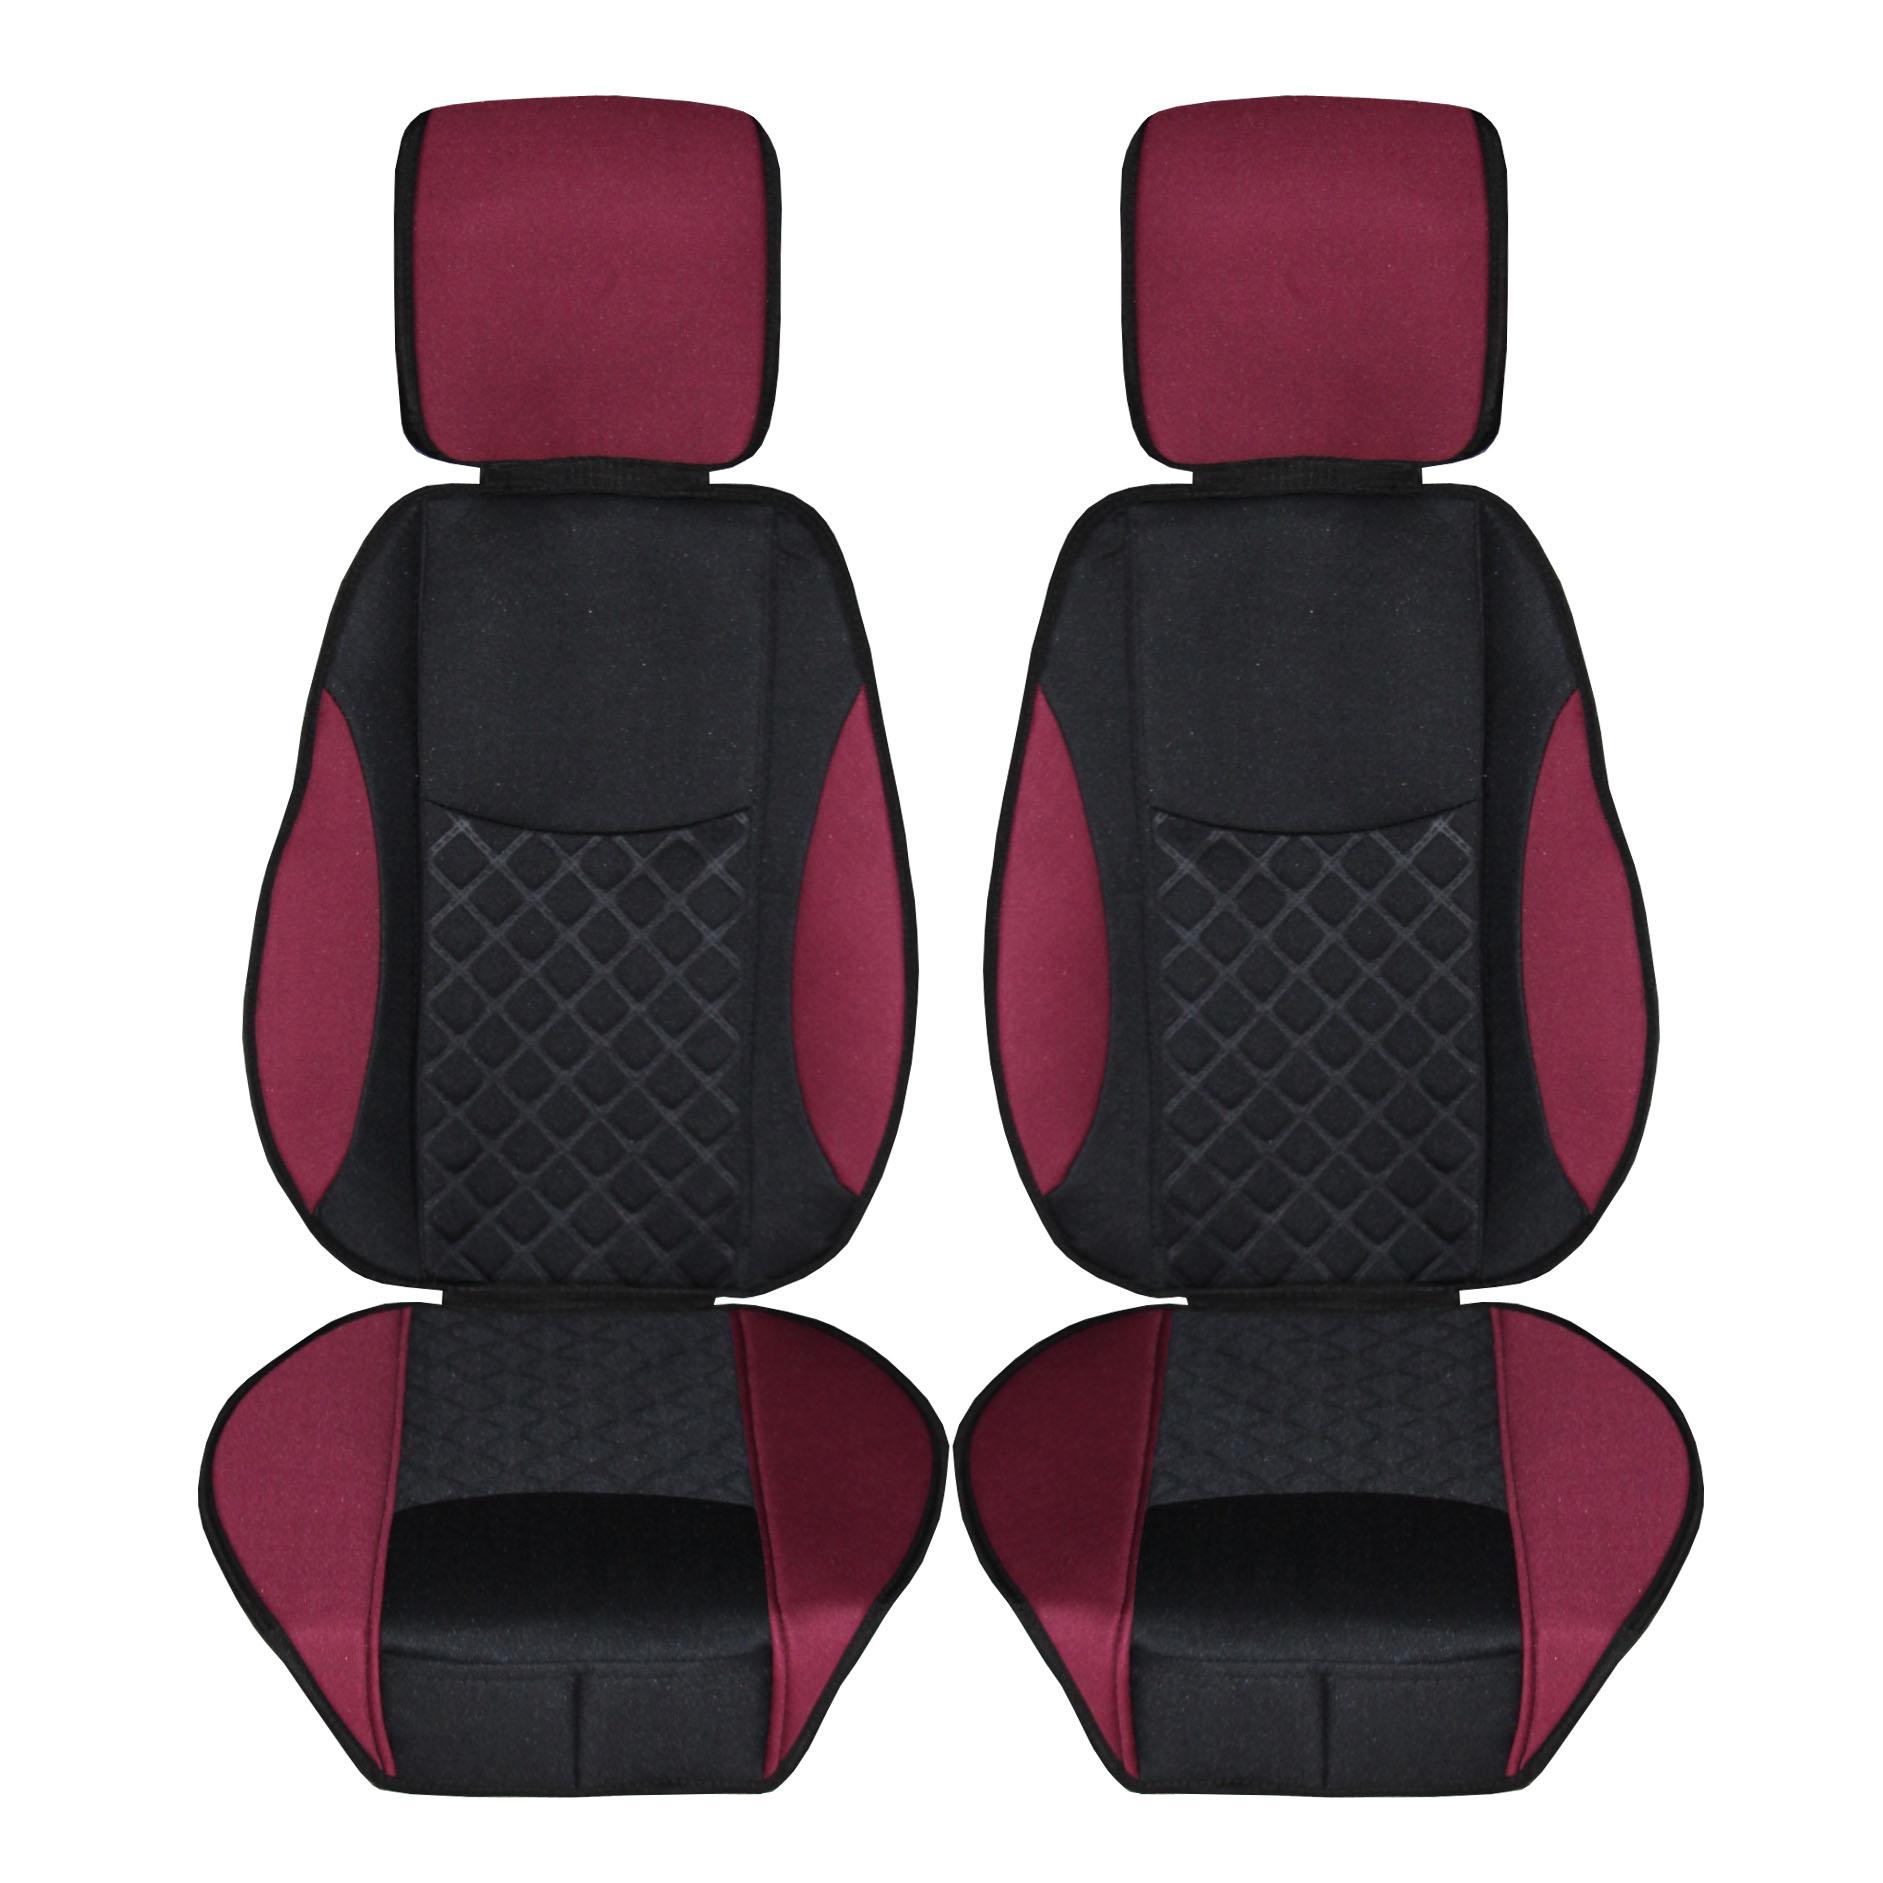 پشتی صندلی خودرو مدل PD001 بسته 2 عددی